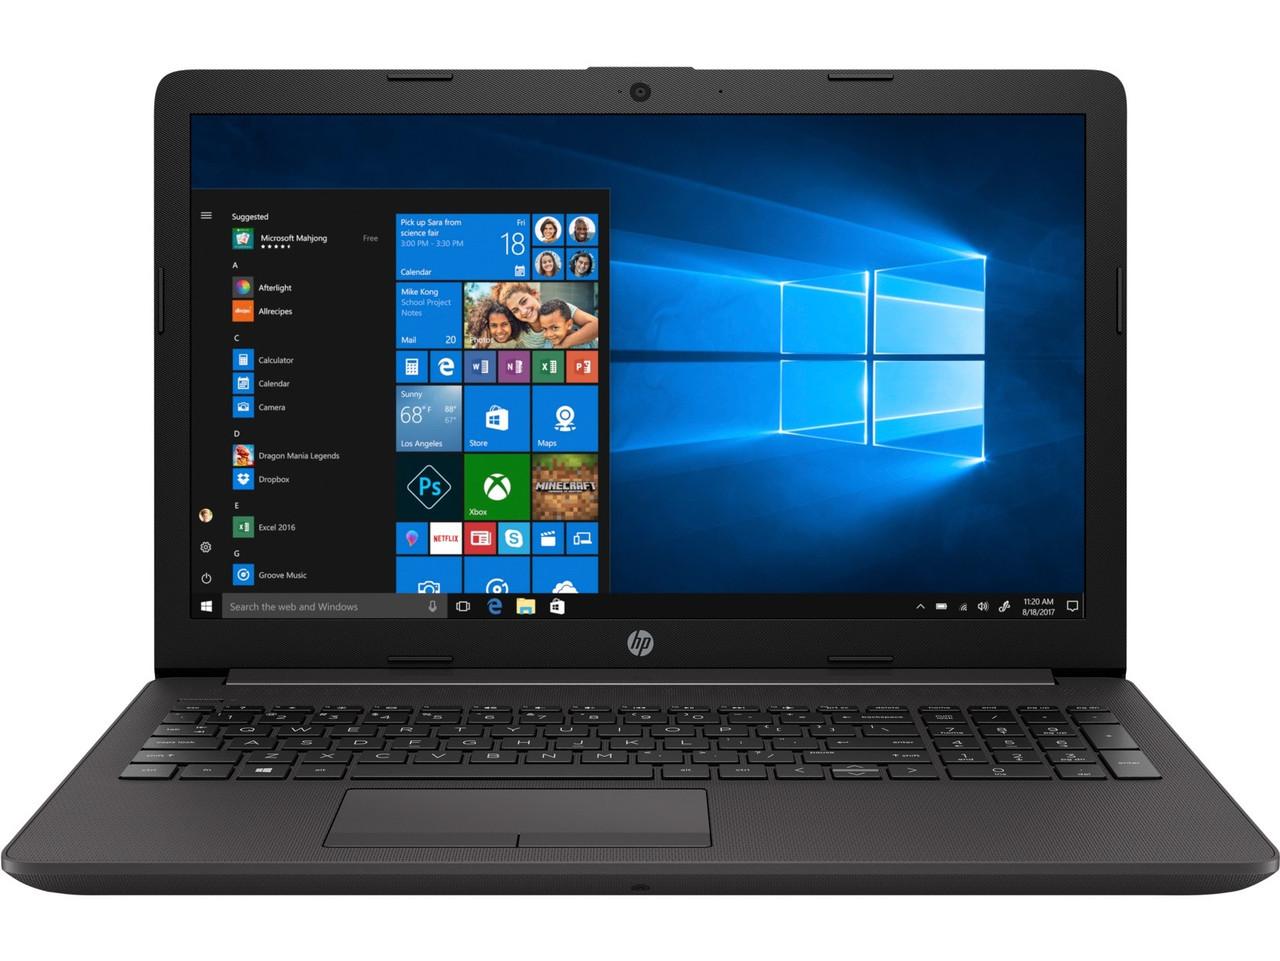 """Ноутбук HP 250 G7 (8AC83EA); 15.6"""" FullHD (1920x1080) TN LED матовый / Intel Core i3-8130U (2.2 - 3.4 ГГц) / RAM 4 ГБ / SSD 256 ГБ / Intel UHD"""